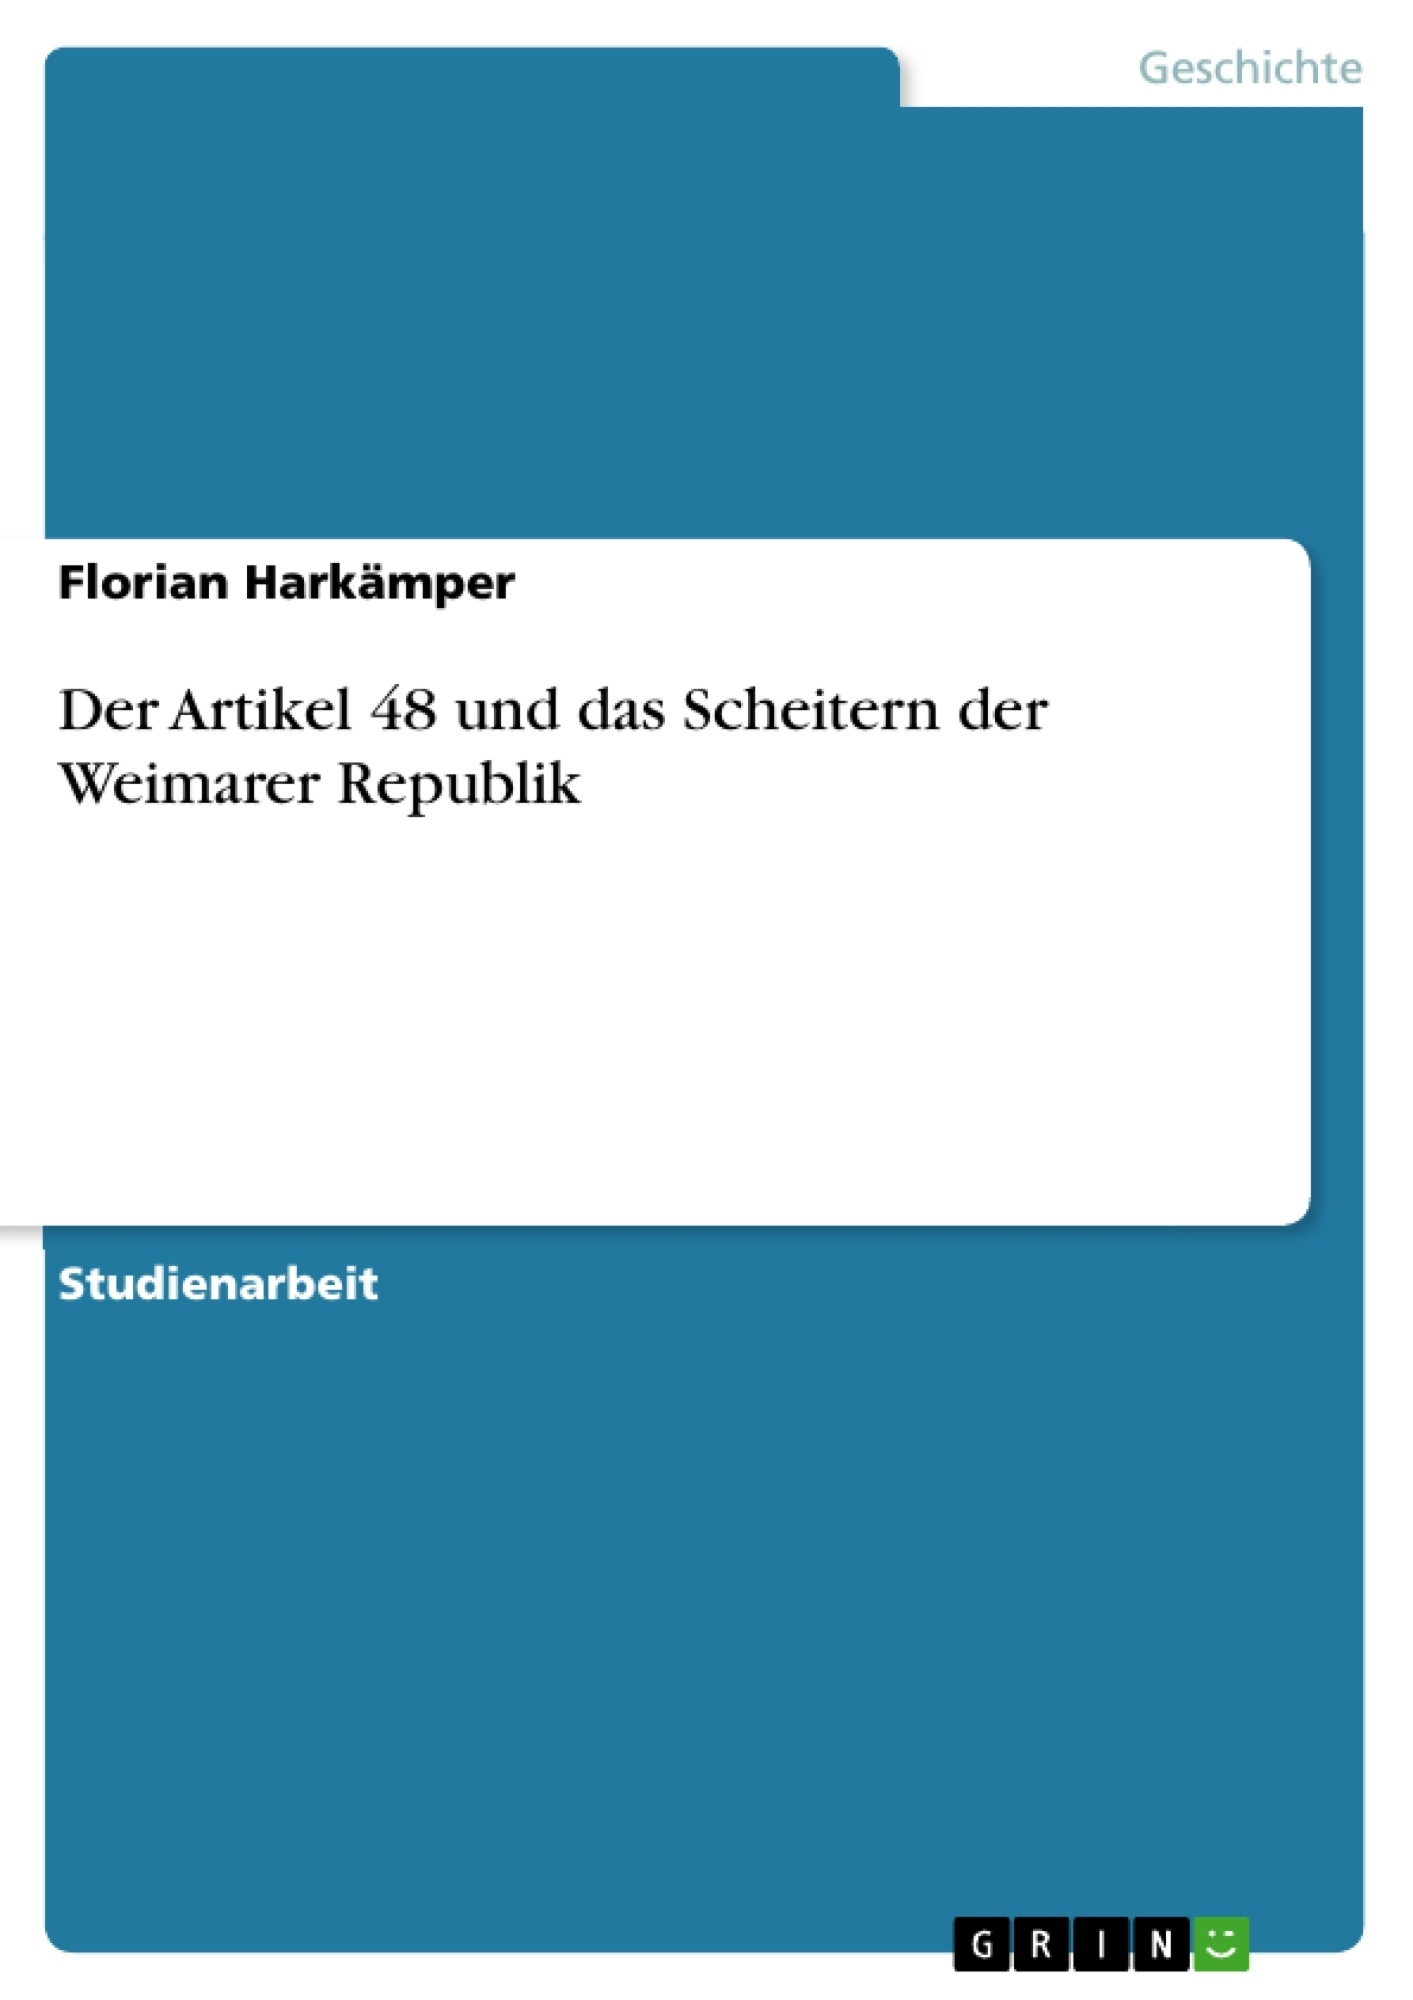 Titel: Der Artikel 48 und das Scheitern der Weimarer Republik